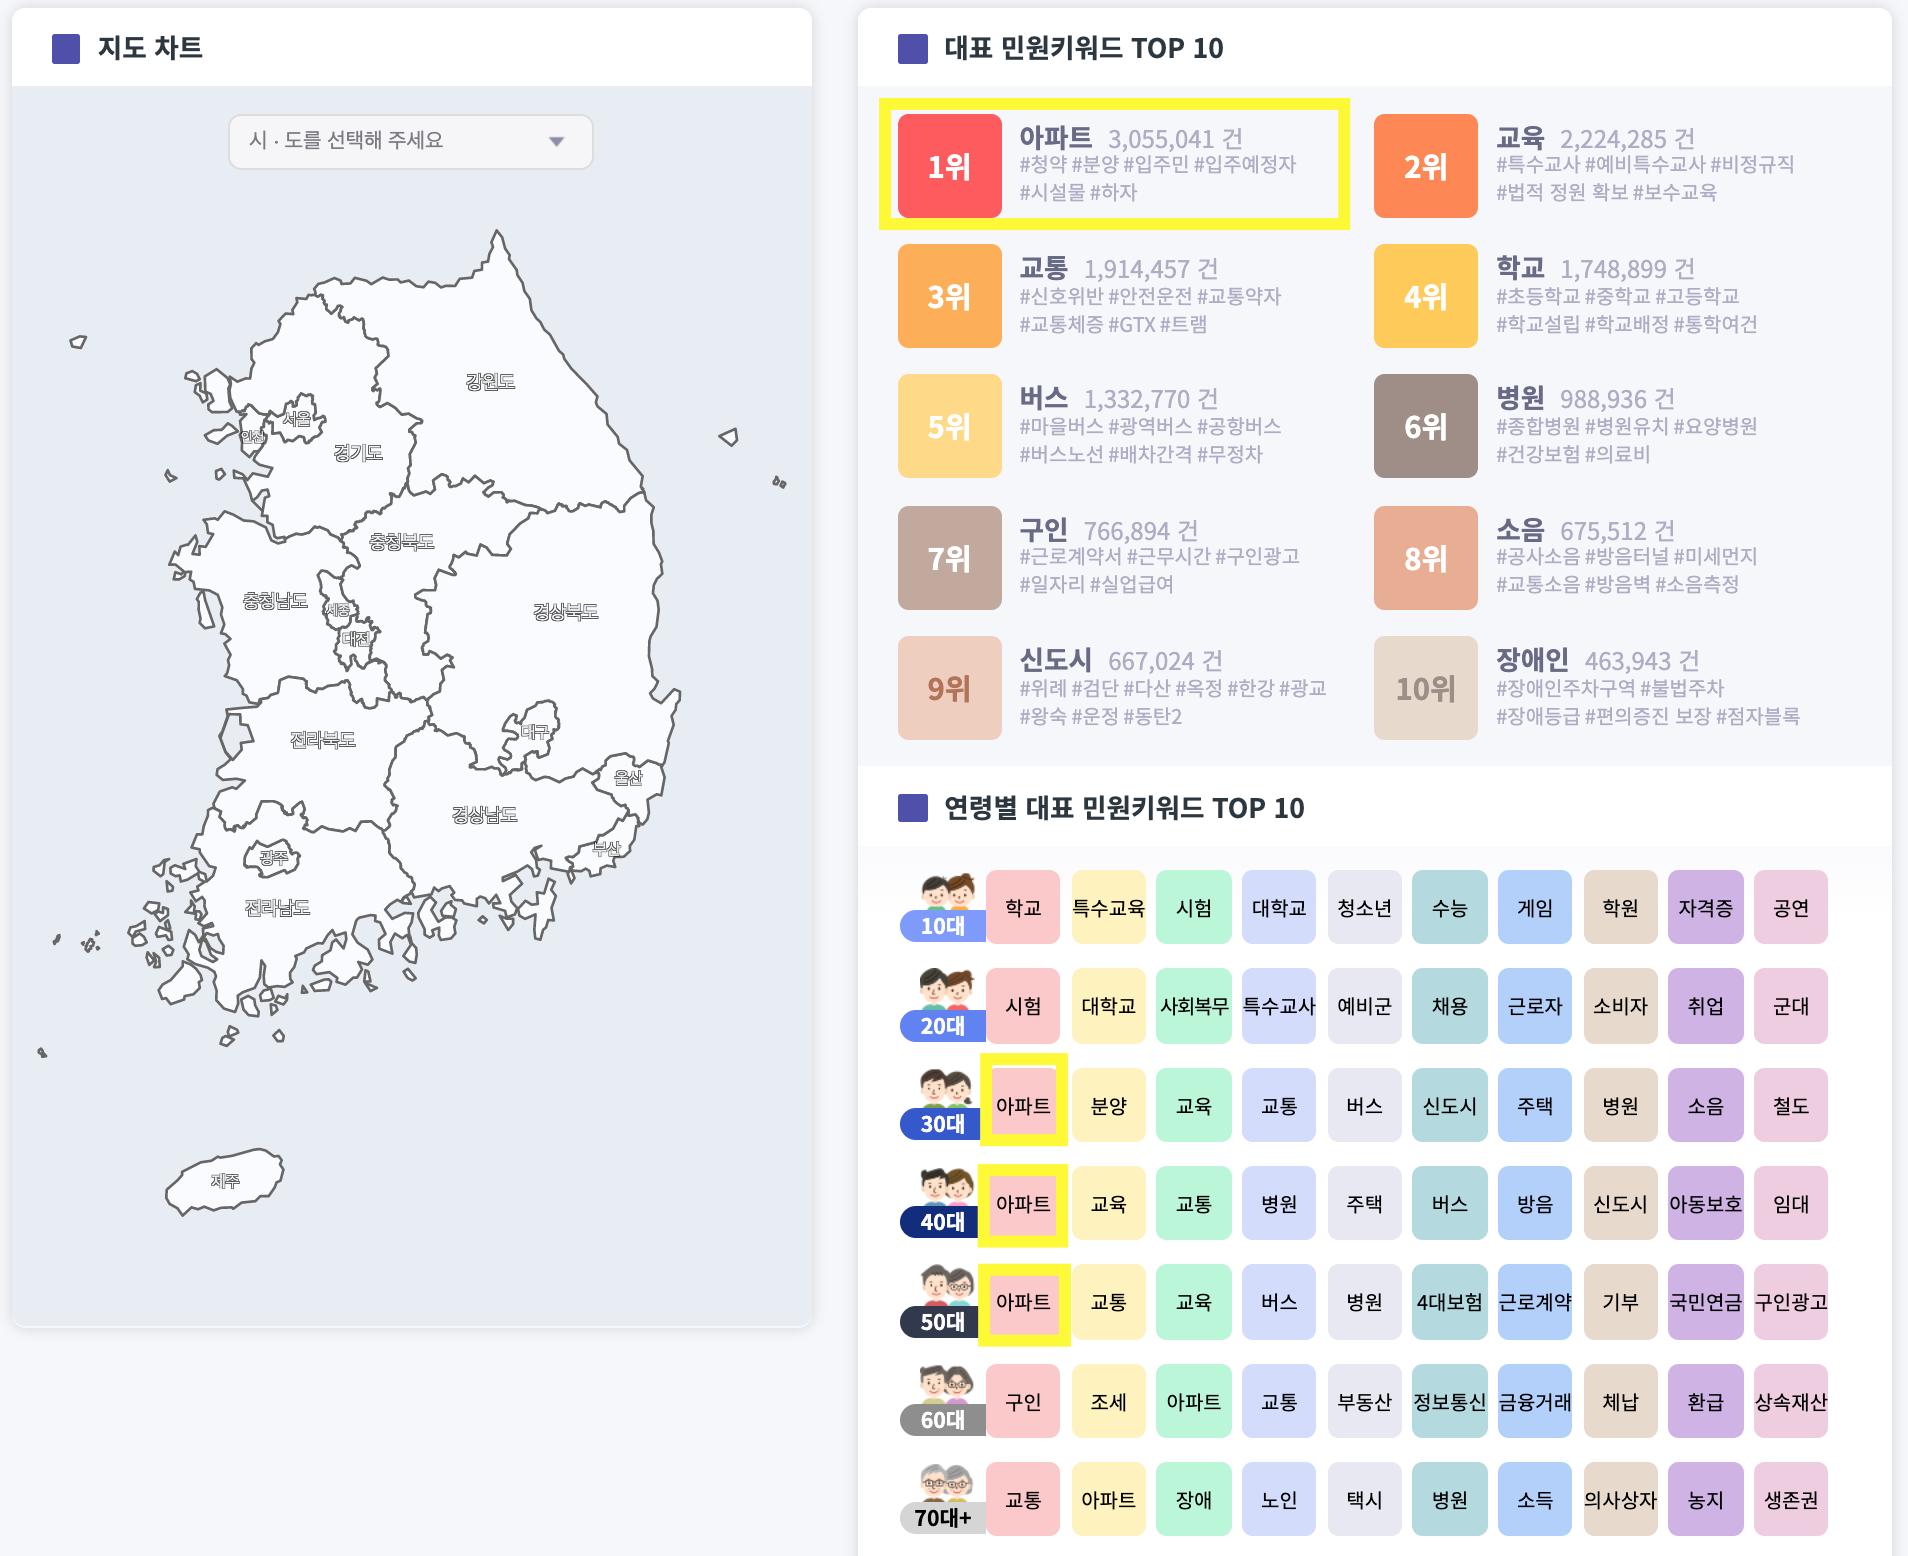 중앙선거관리위원회 맞춤형 대시보드 시각화 데이터